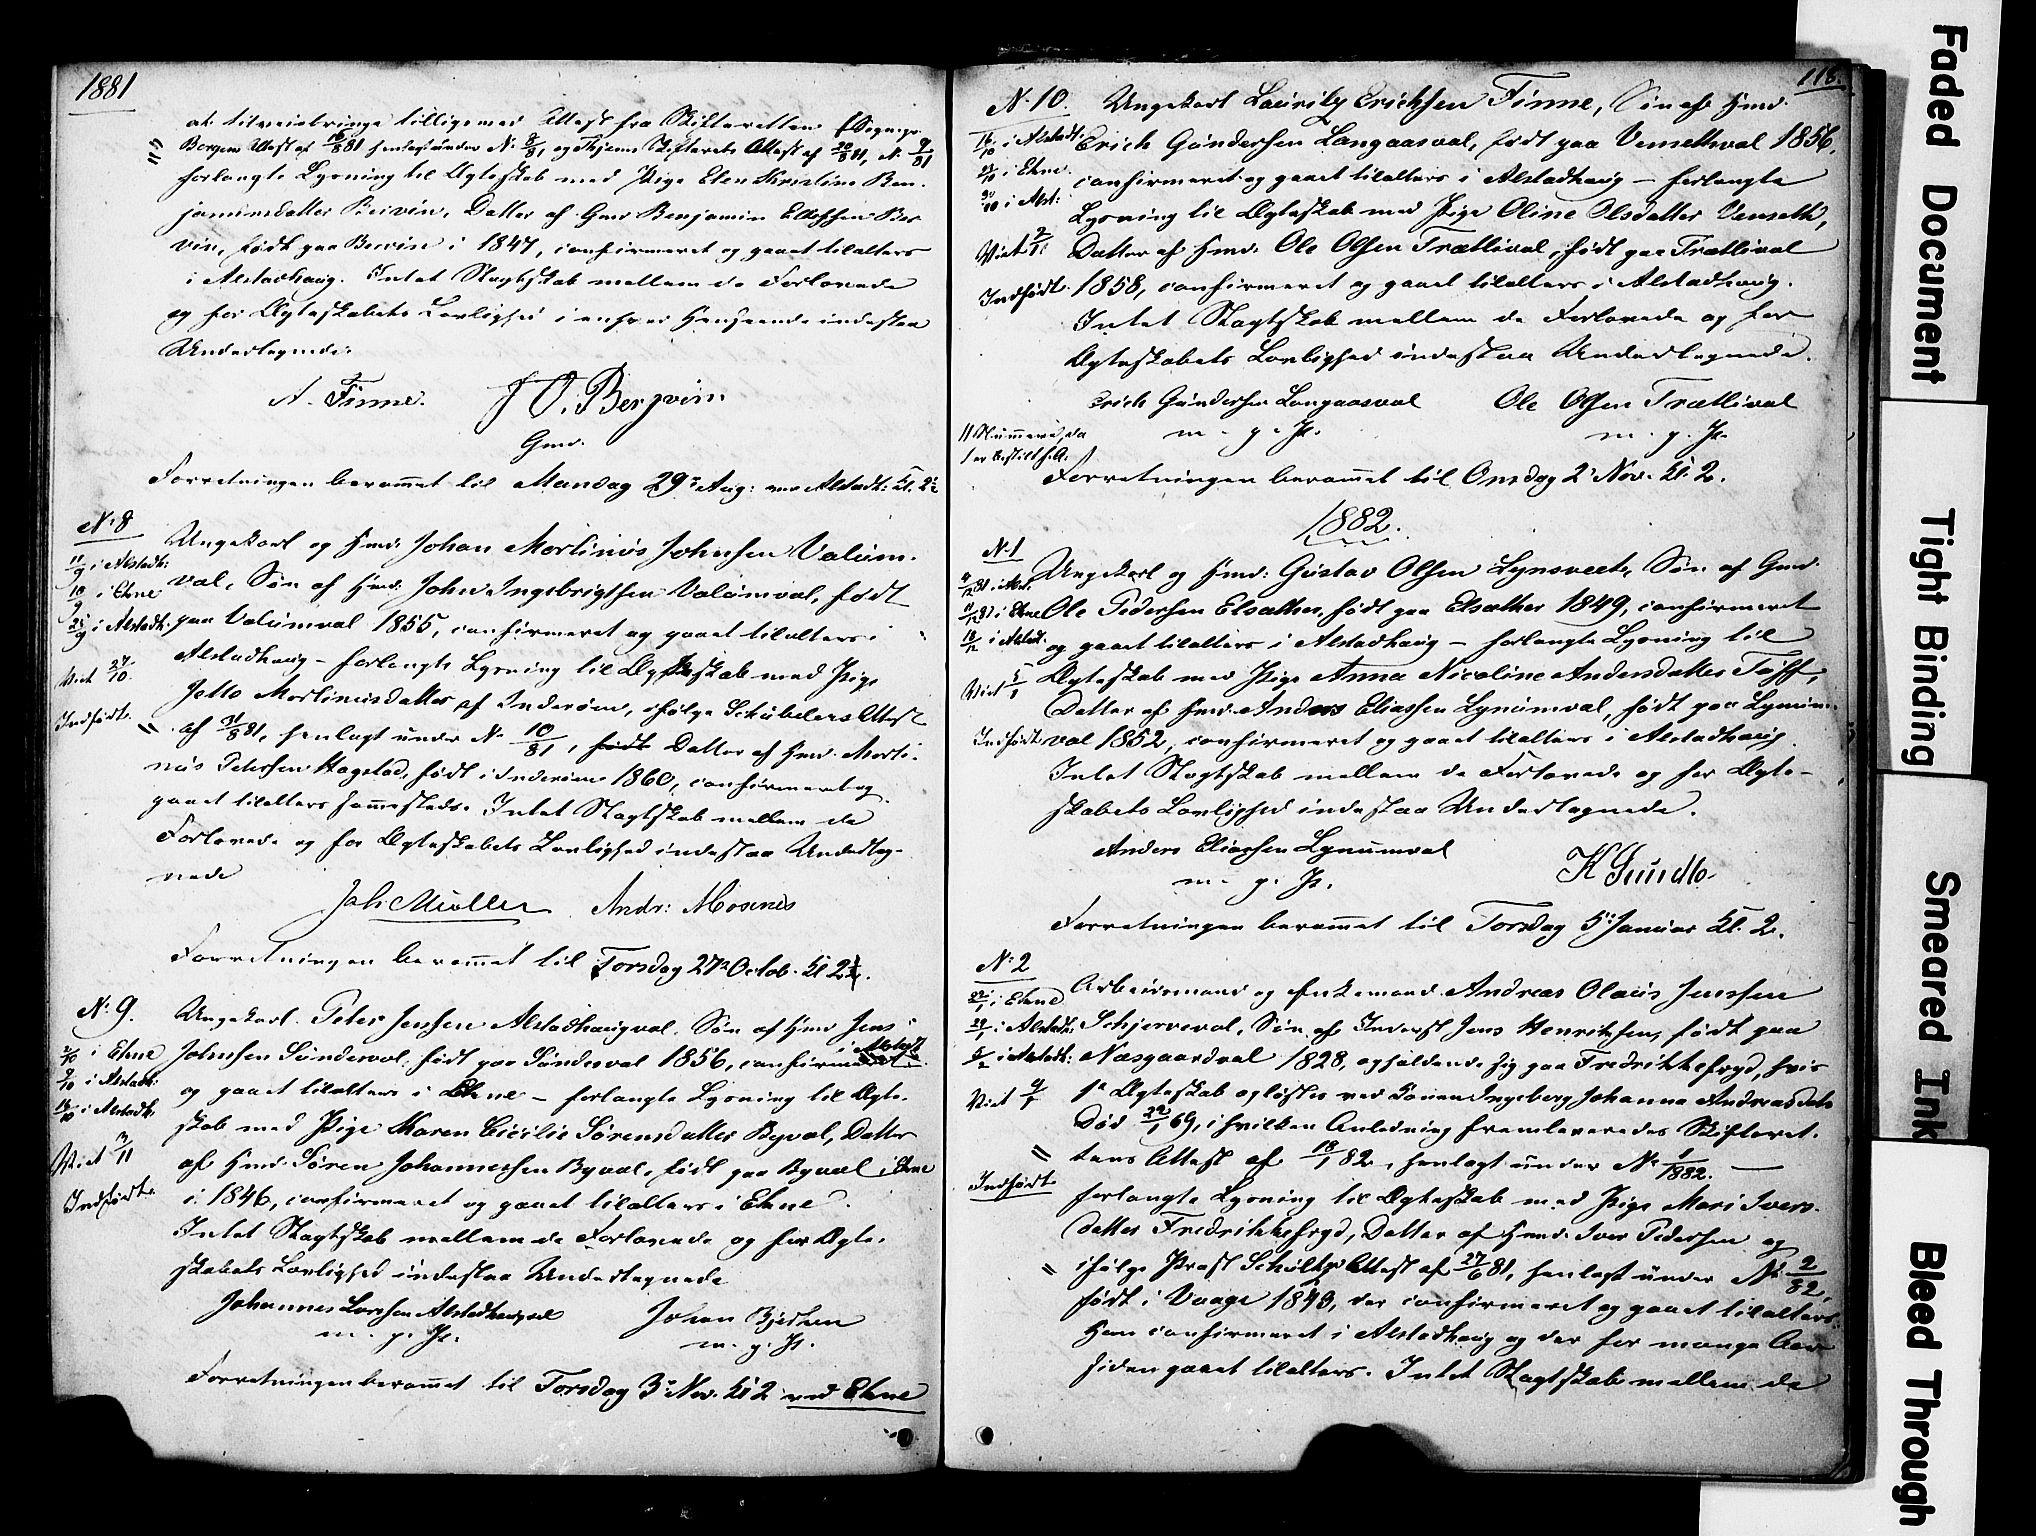 SAT, Ministerialprotokoller, klokkerbøker og fødselsregistre - Nord-Trøndelag, 717/L0161: Forlovererklæringer nr. 717A11, 1850-1895, s. 118